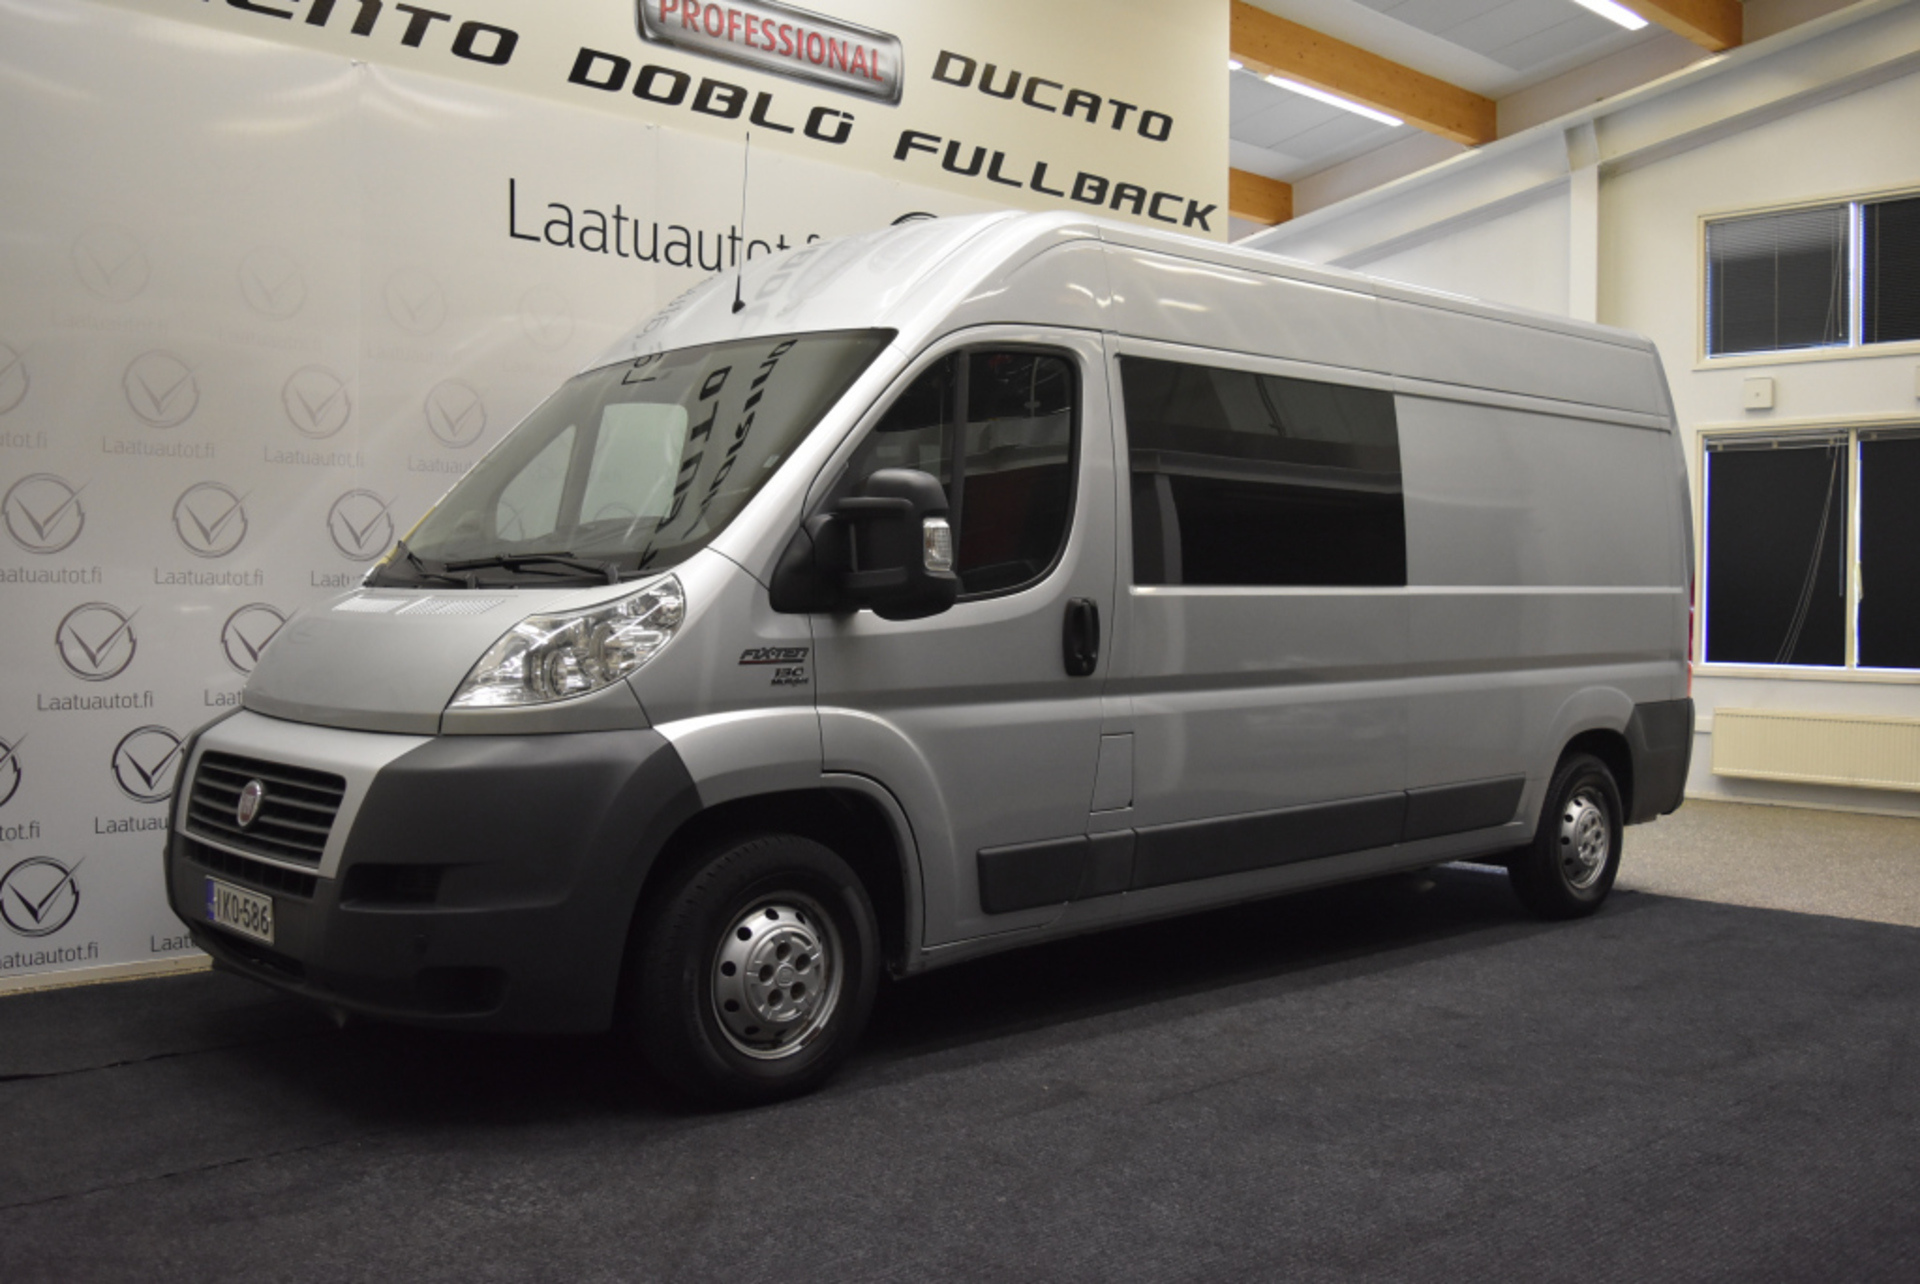 FIAT DUCATO 2.3 Multijet L3H2 Fixten - Hieno 7-hengen Fixten retkeilyauto,  Alv-vähennyskelpoinen,  Rahoitus jopa ilman käsirahaa